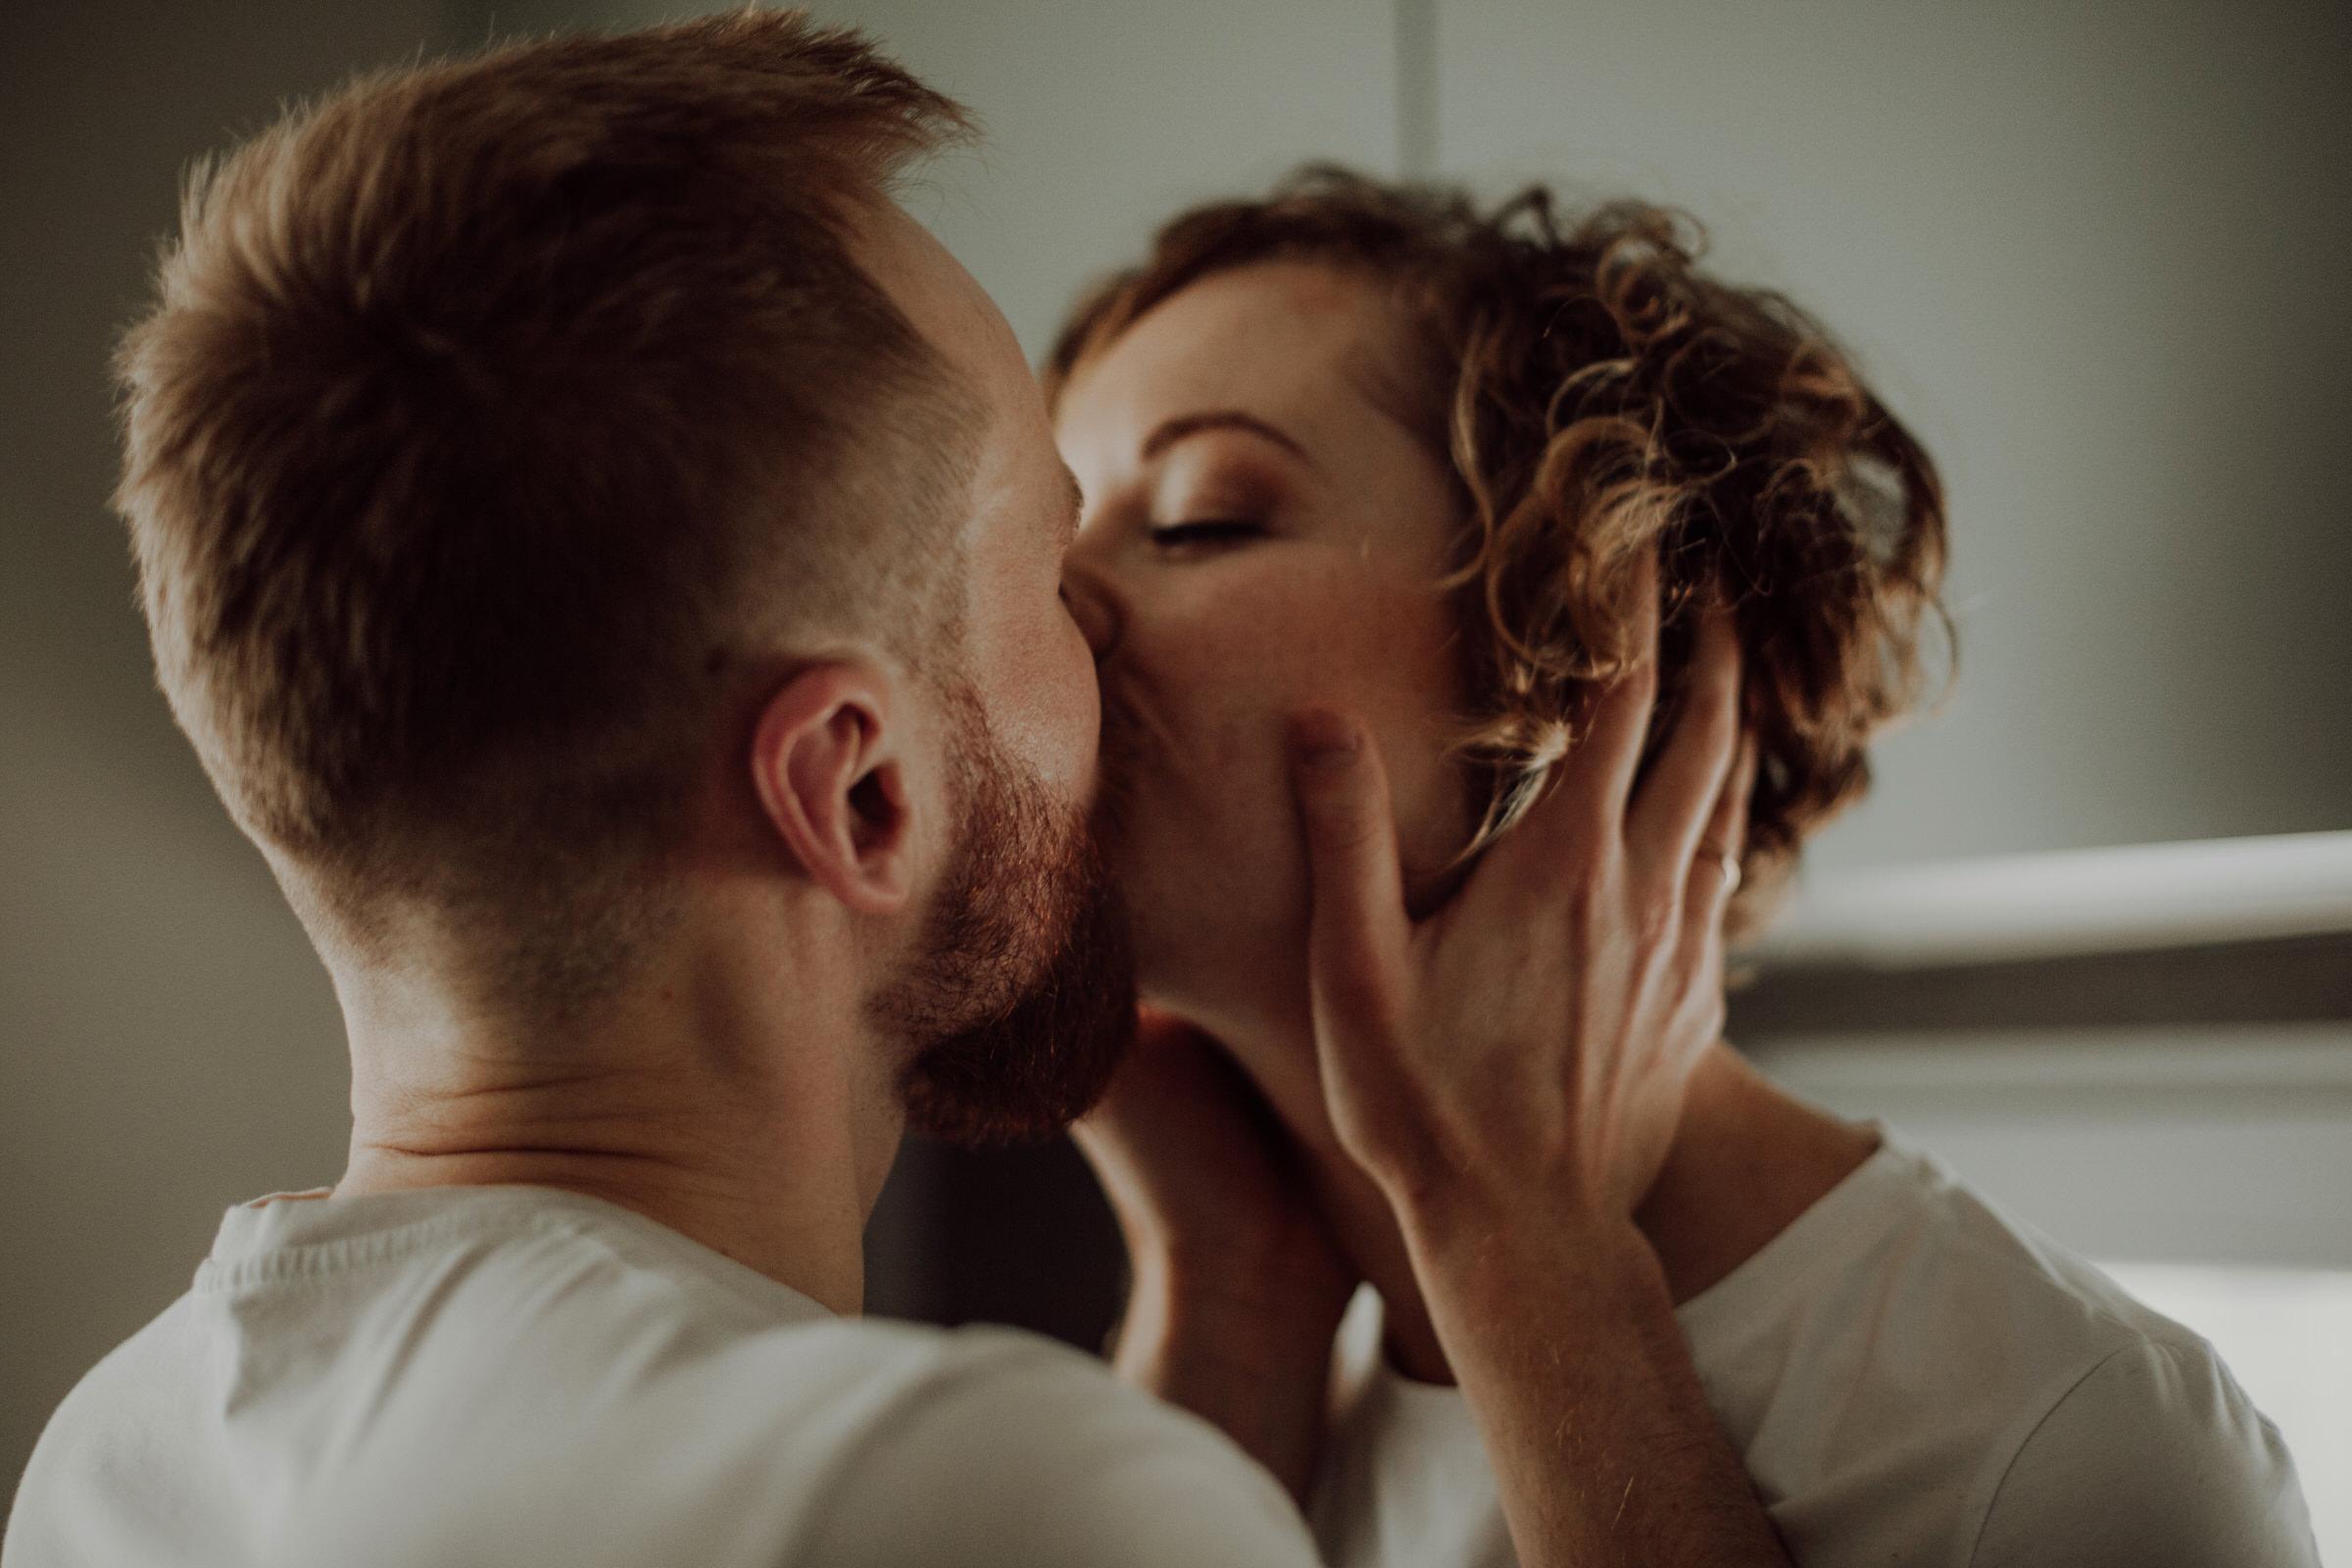 Home Love Session by Anna Stelikova